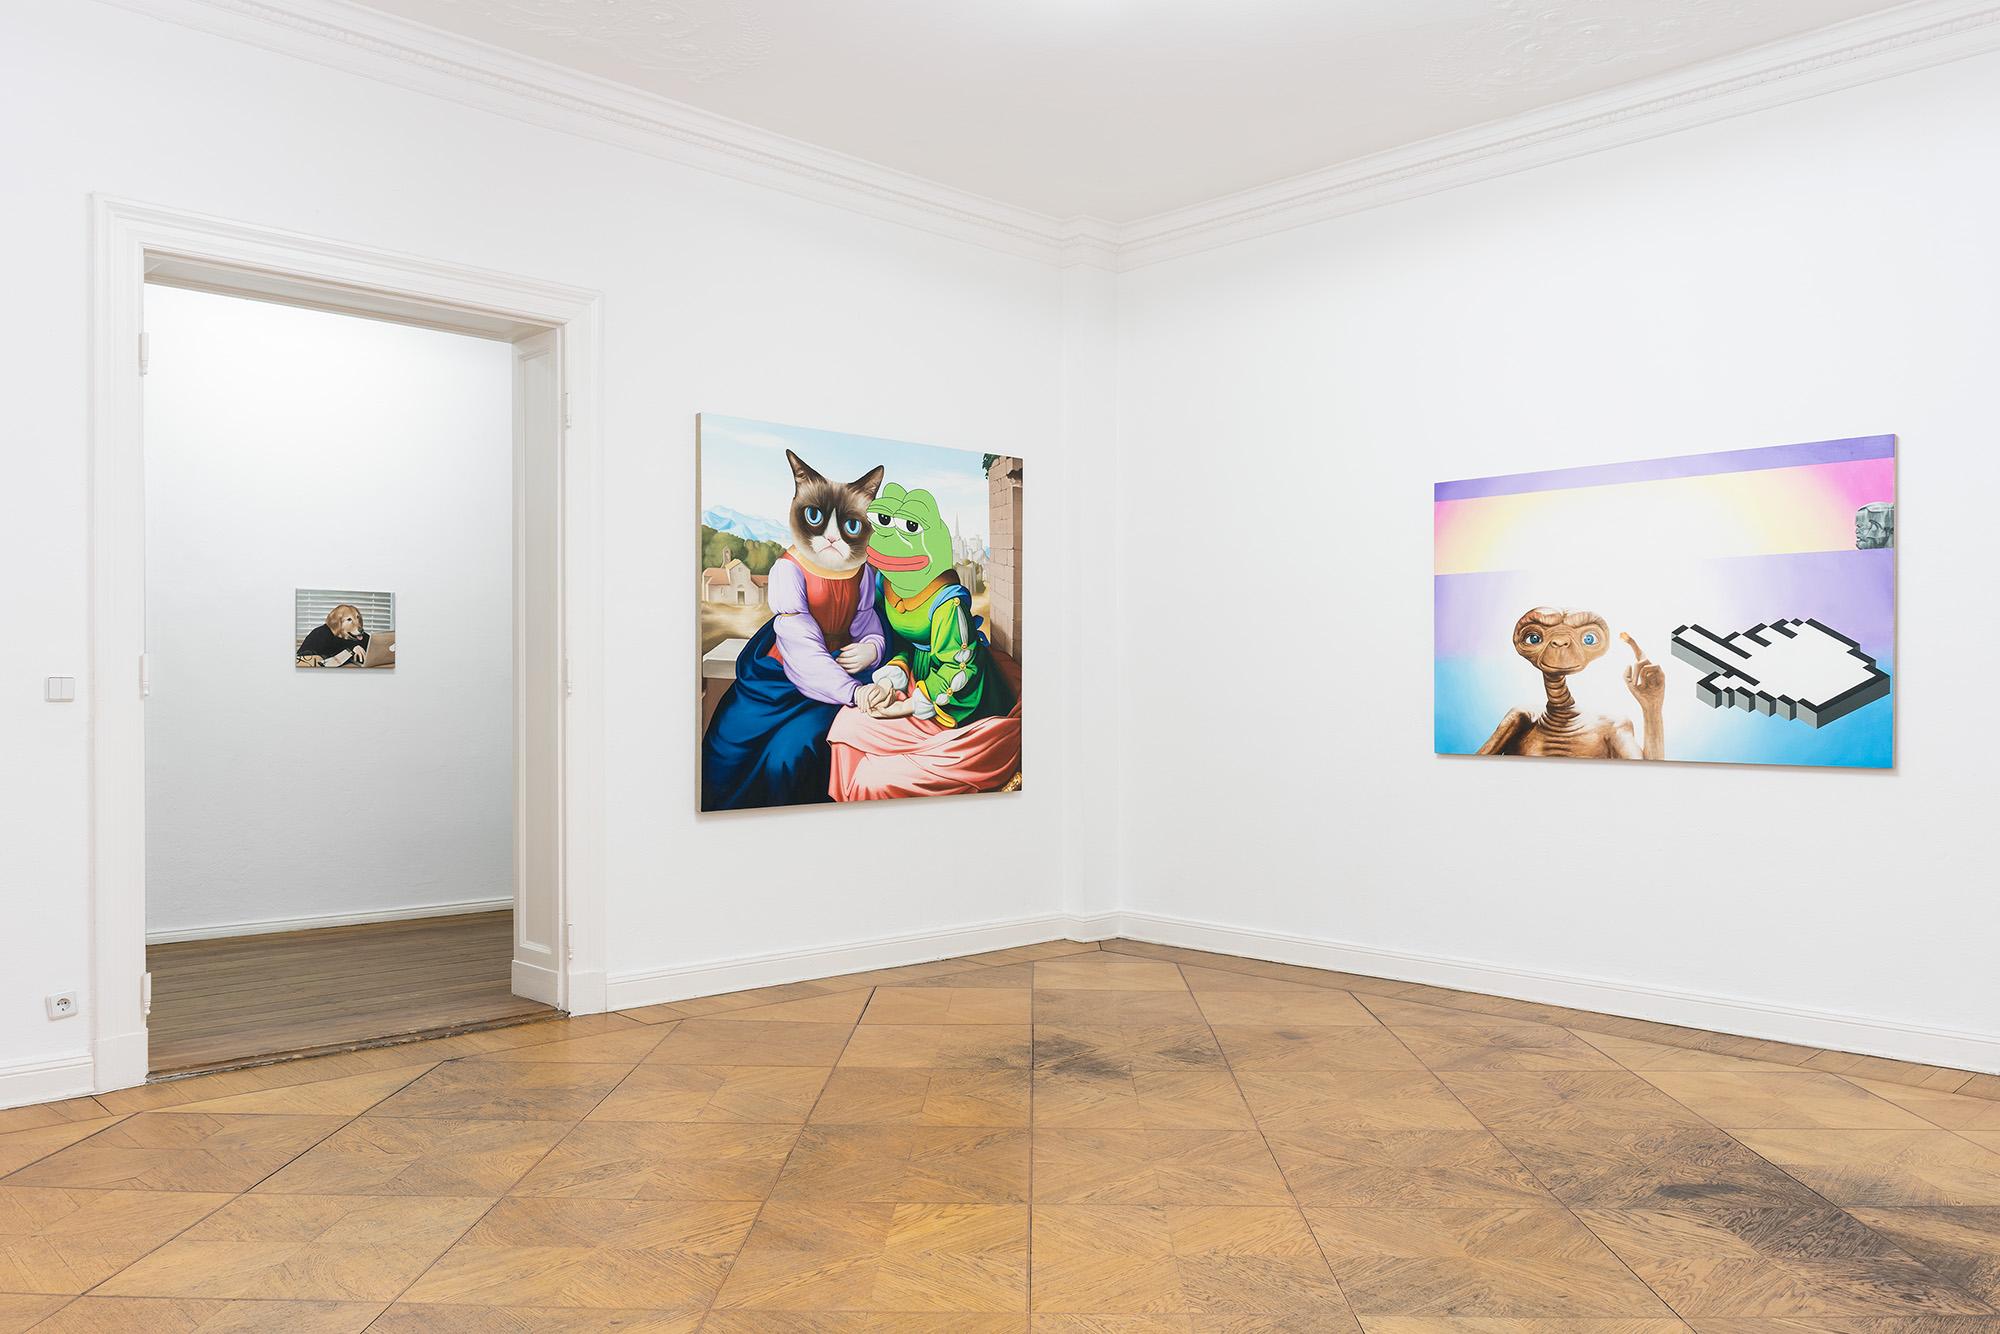 Götz Schramm, copy and paste, Photo: Sascha Herrmann